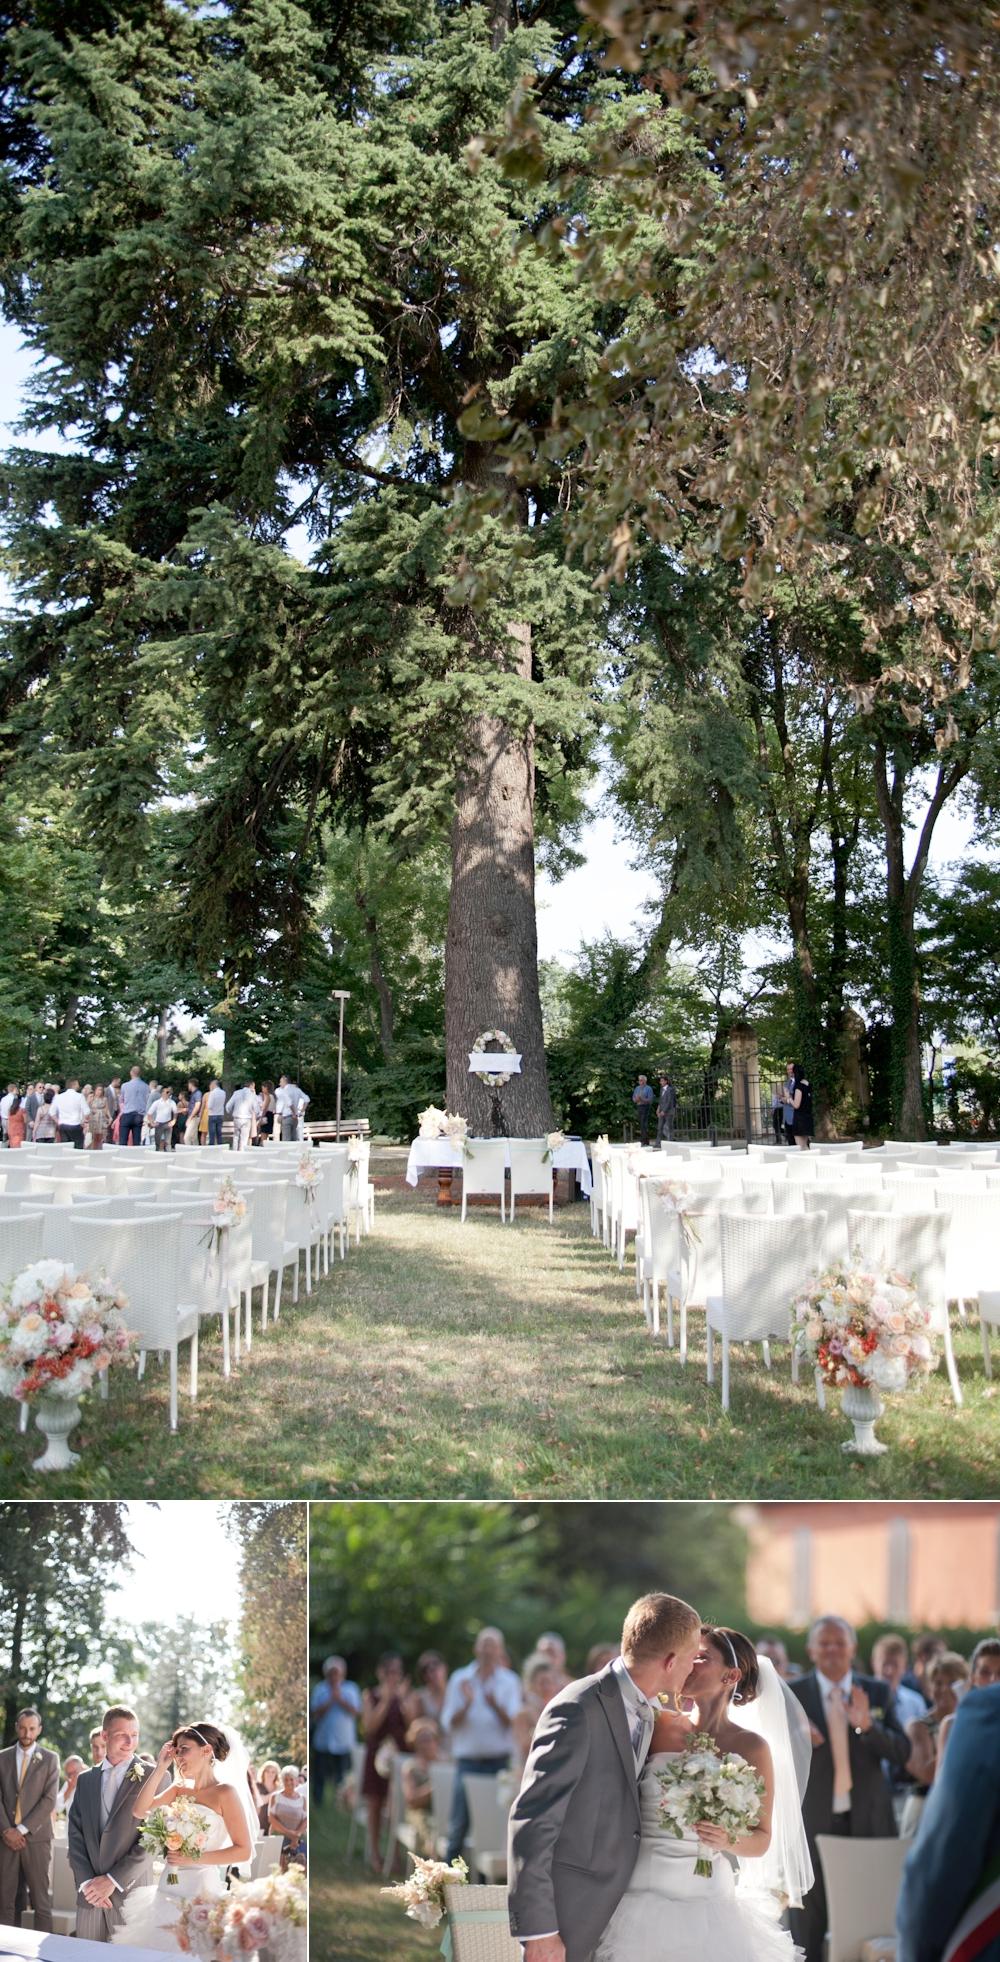 Civil wedding ceremony Italy - Laura Bravi Events